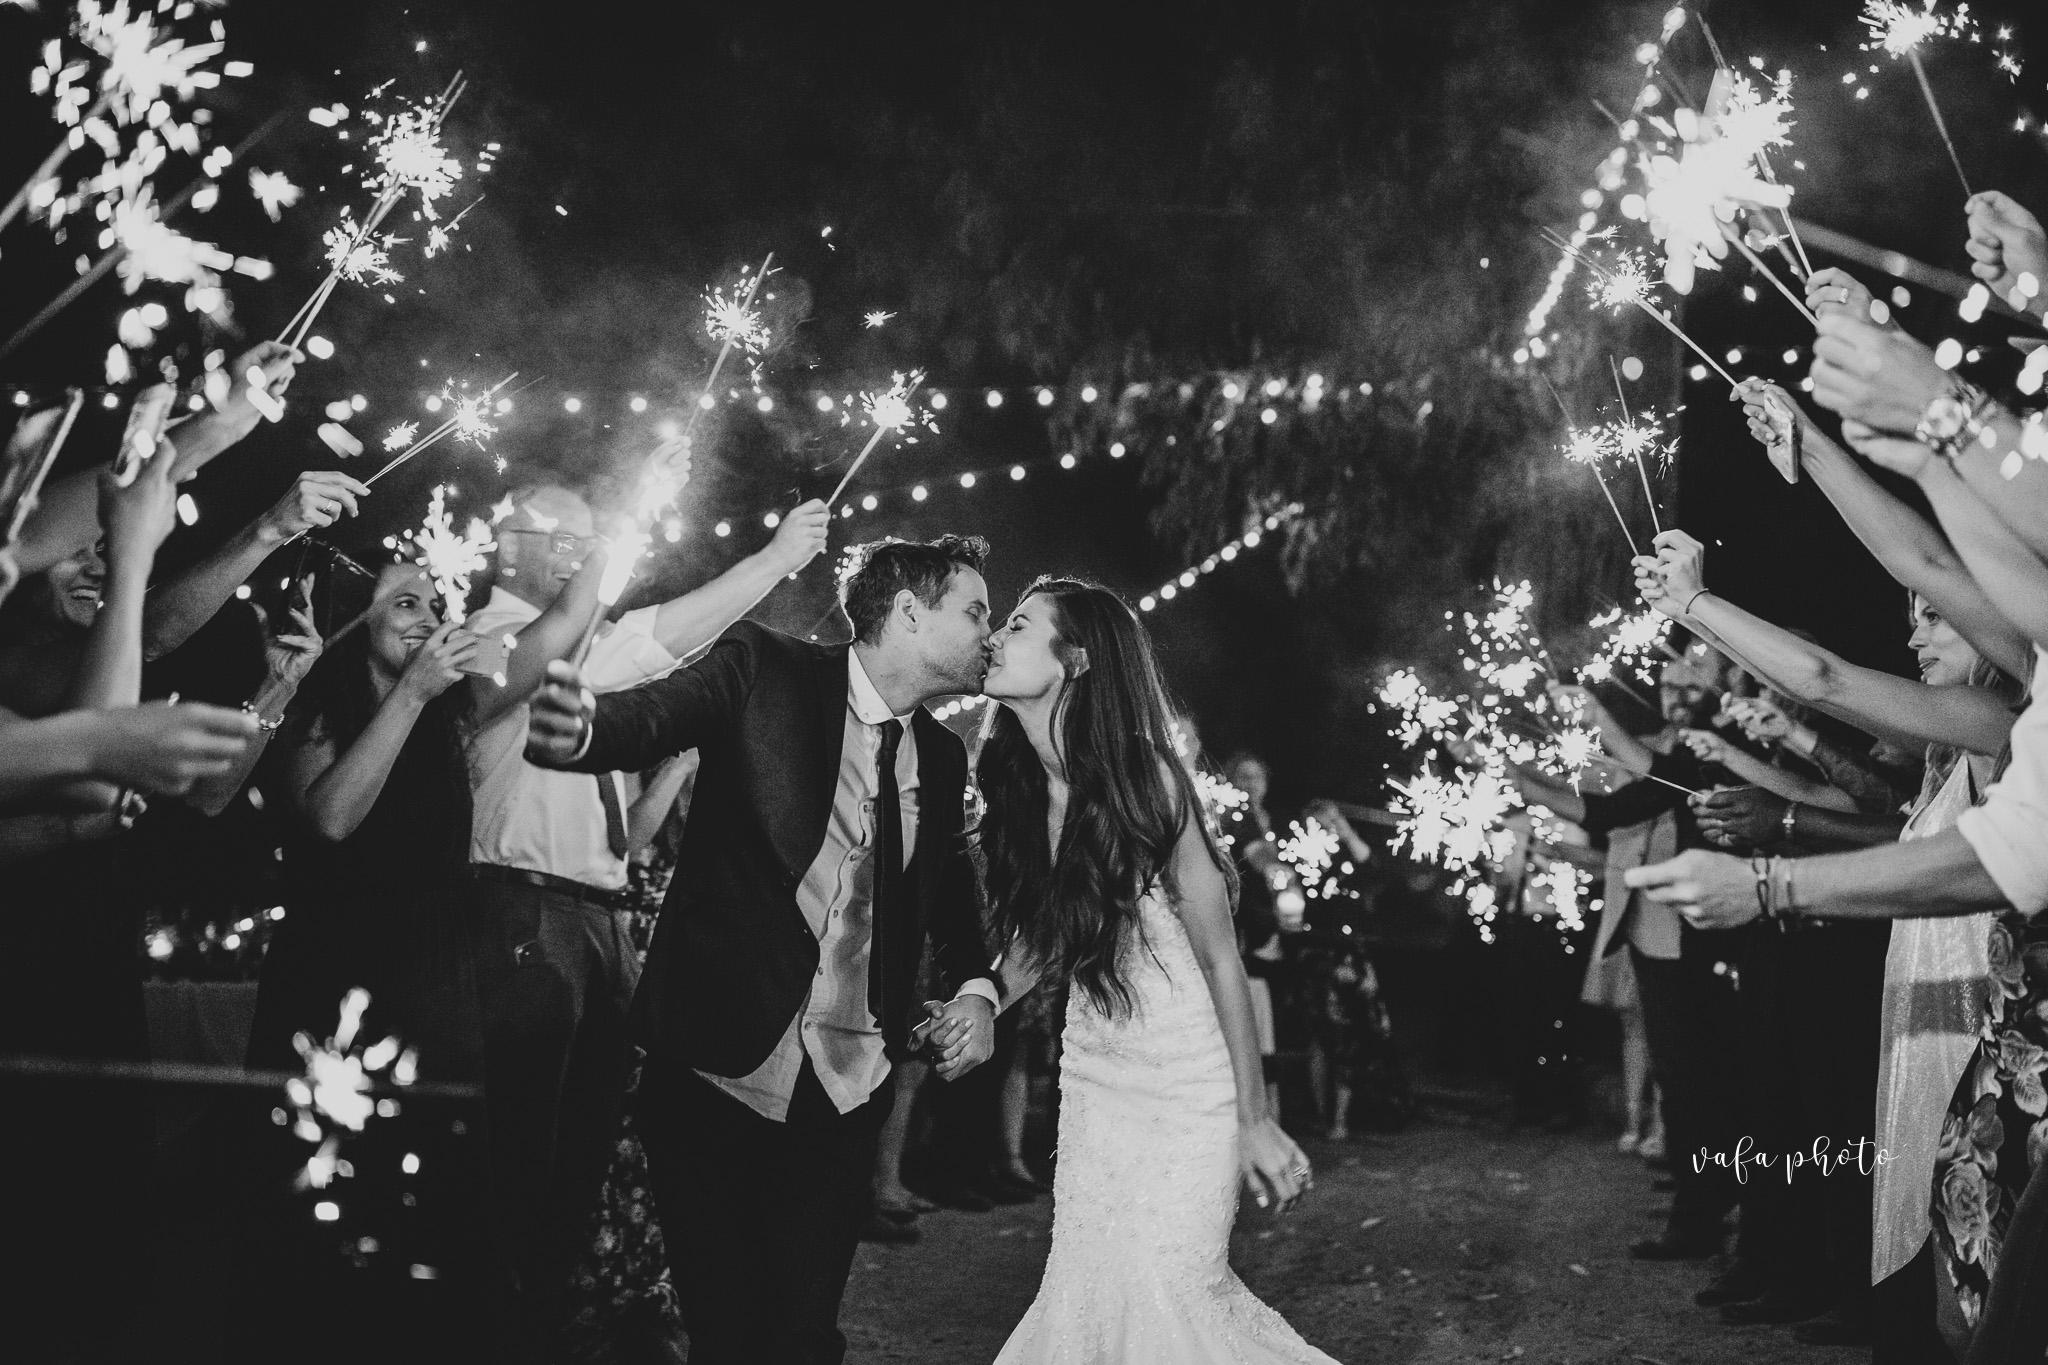 Southern-California-Wedding-Britt-Nilsson-Jeremy-Byrne-Vafa-Photo-1133.jpg